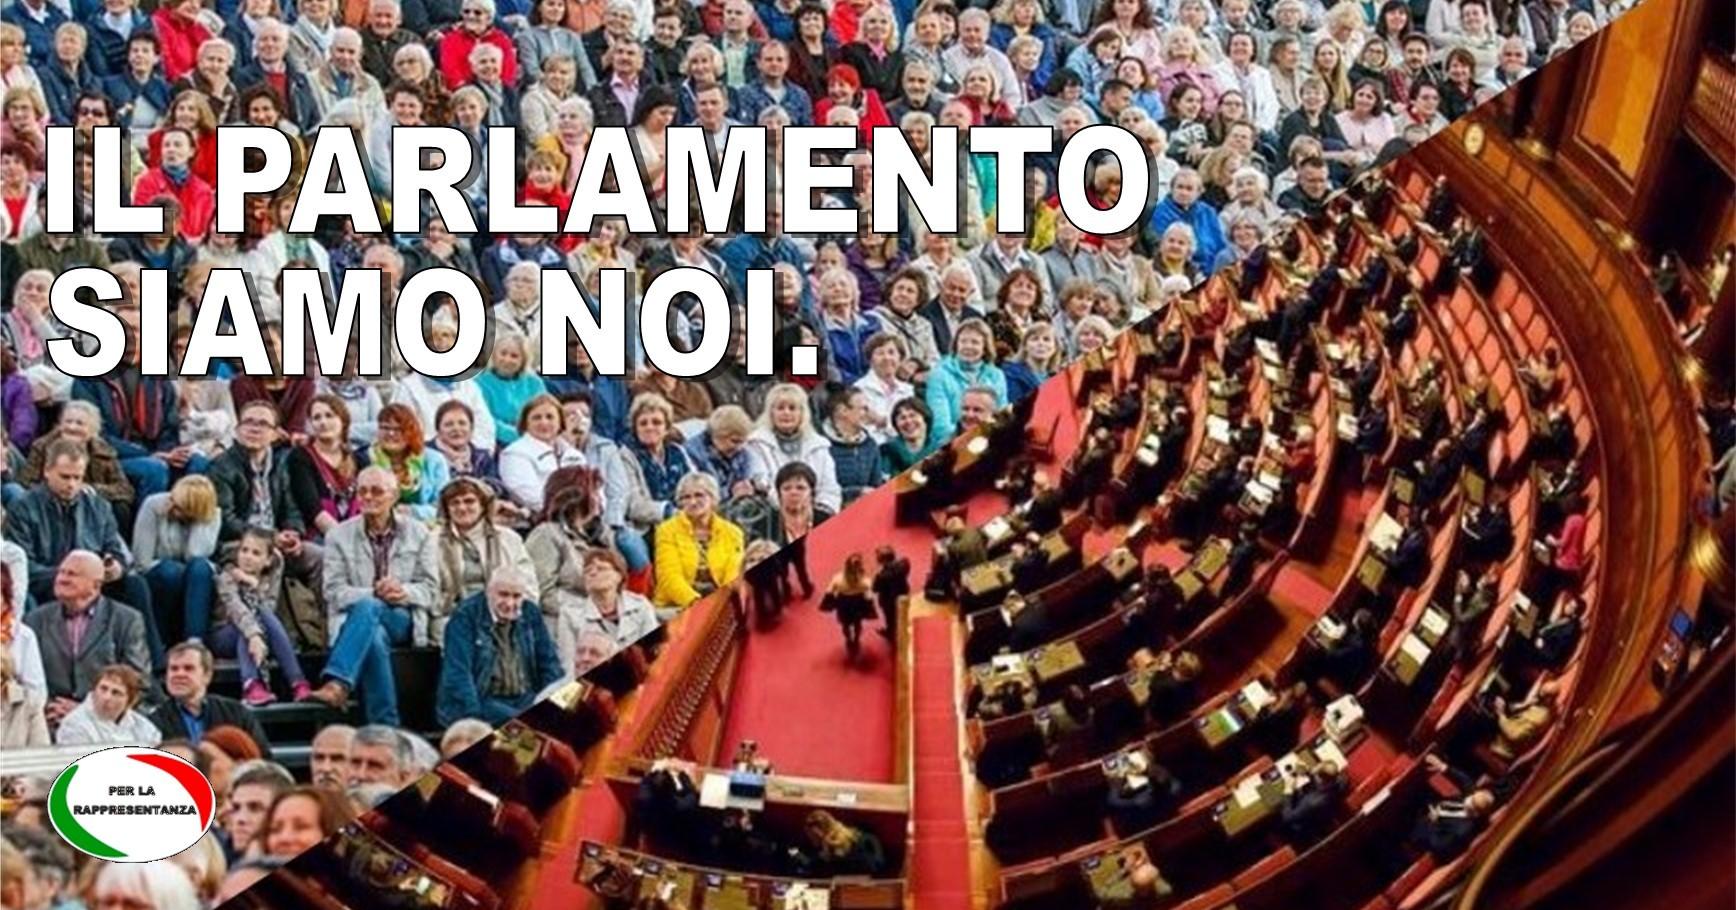 Basta leggi elettorali incostituzionali!-Per la Rappresentanza